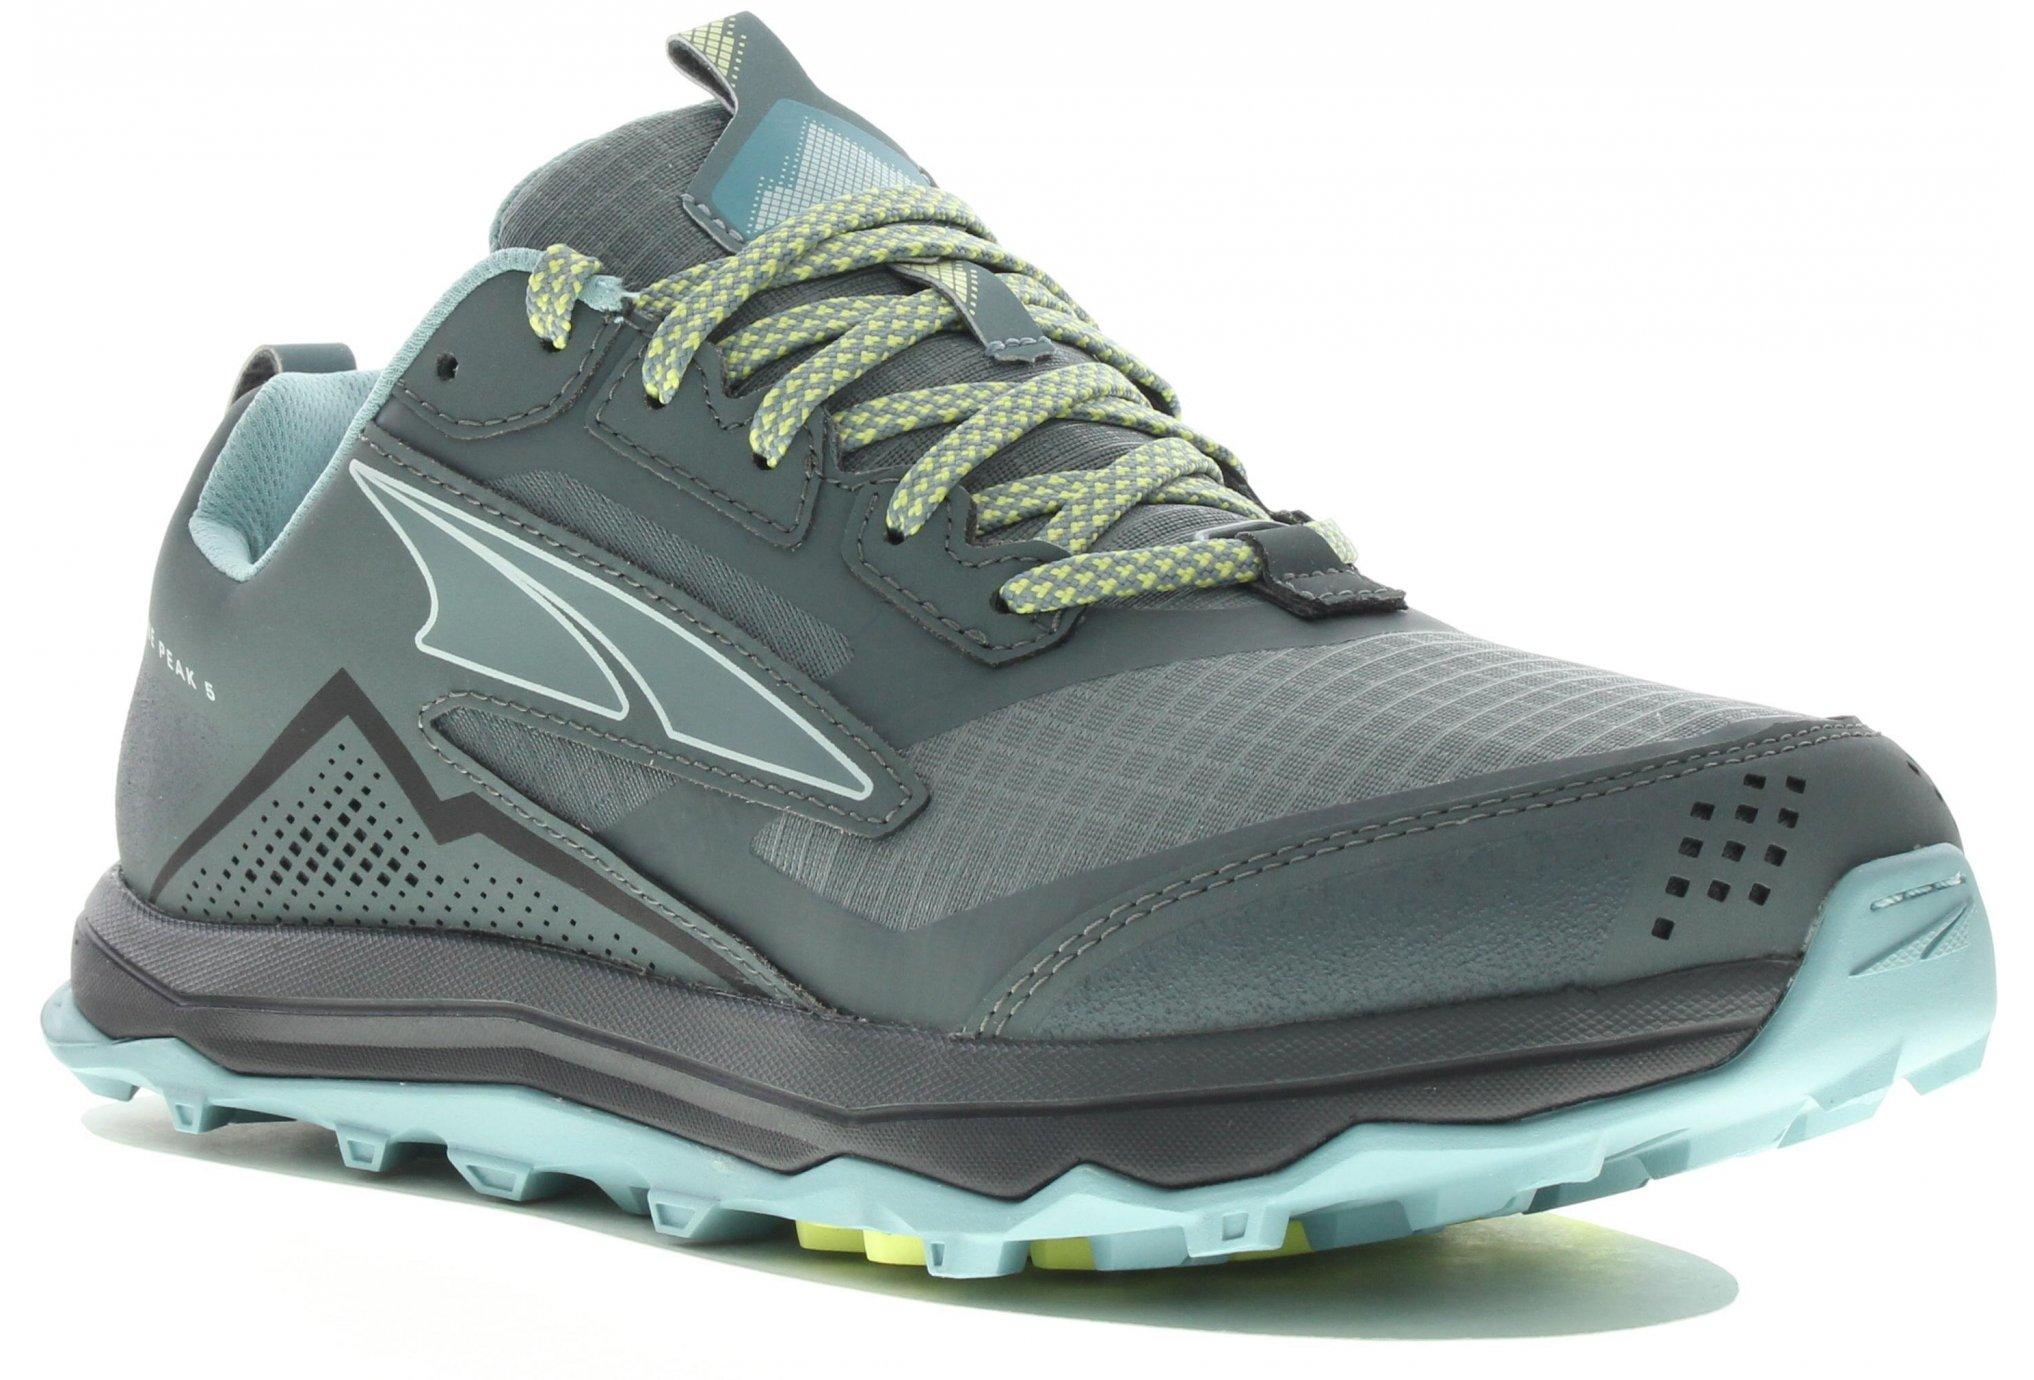 Altra Lone Peak 5 W Chaussures running femme